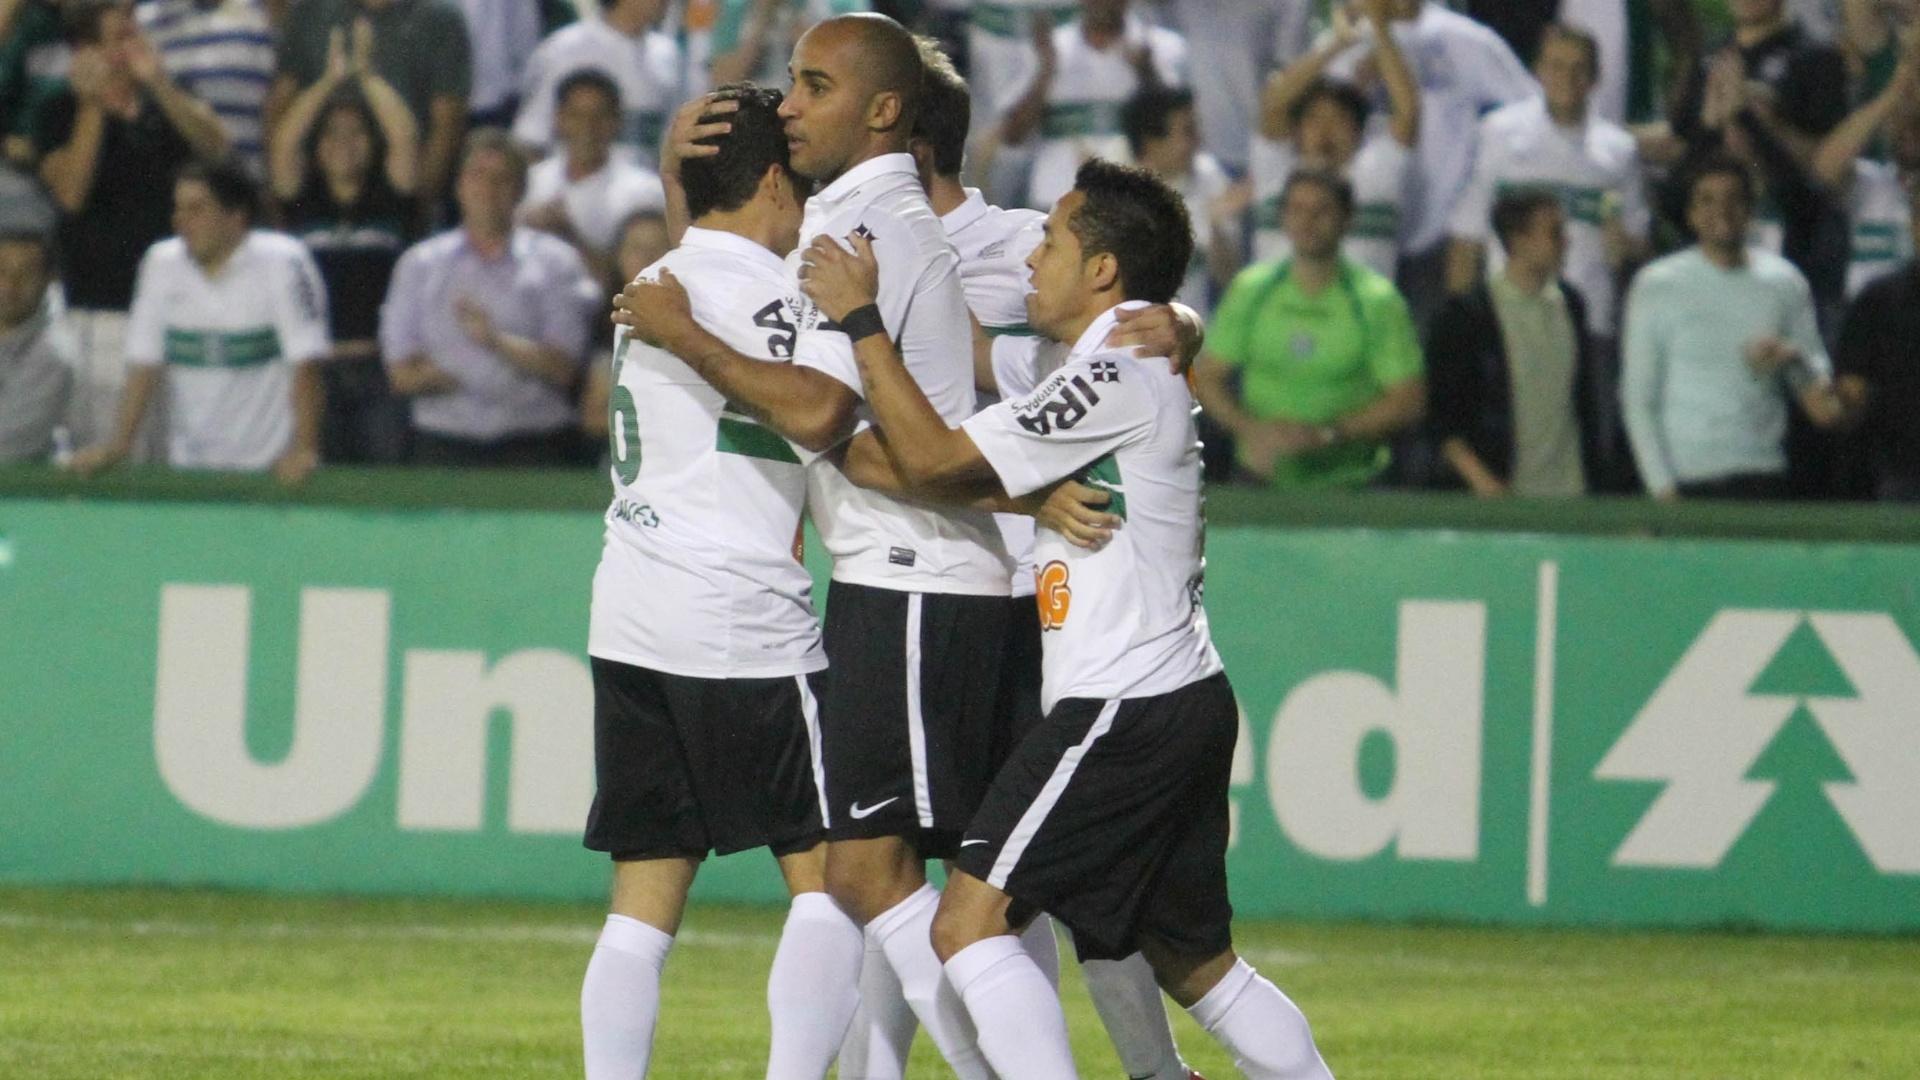 Jogadores do Coritiba comemoram gol de Deivid na vitória sobre o Náutico, no Couto Pereira